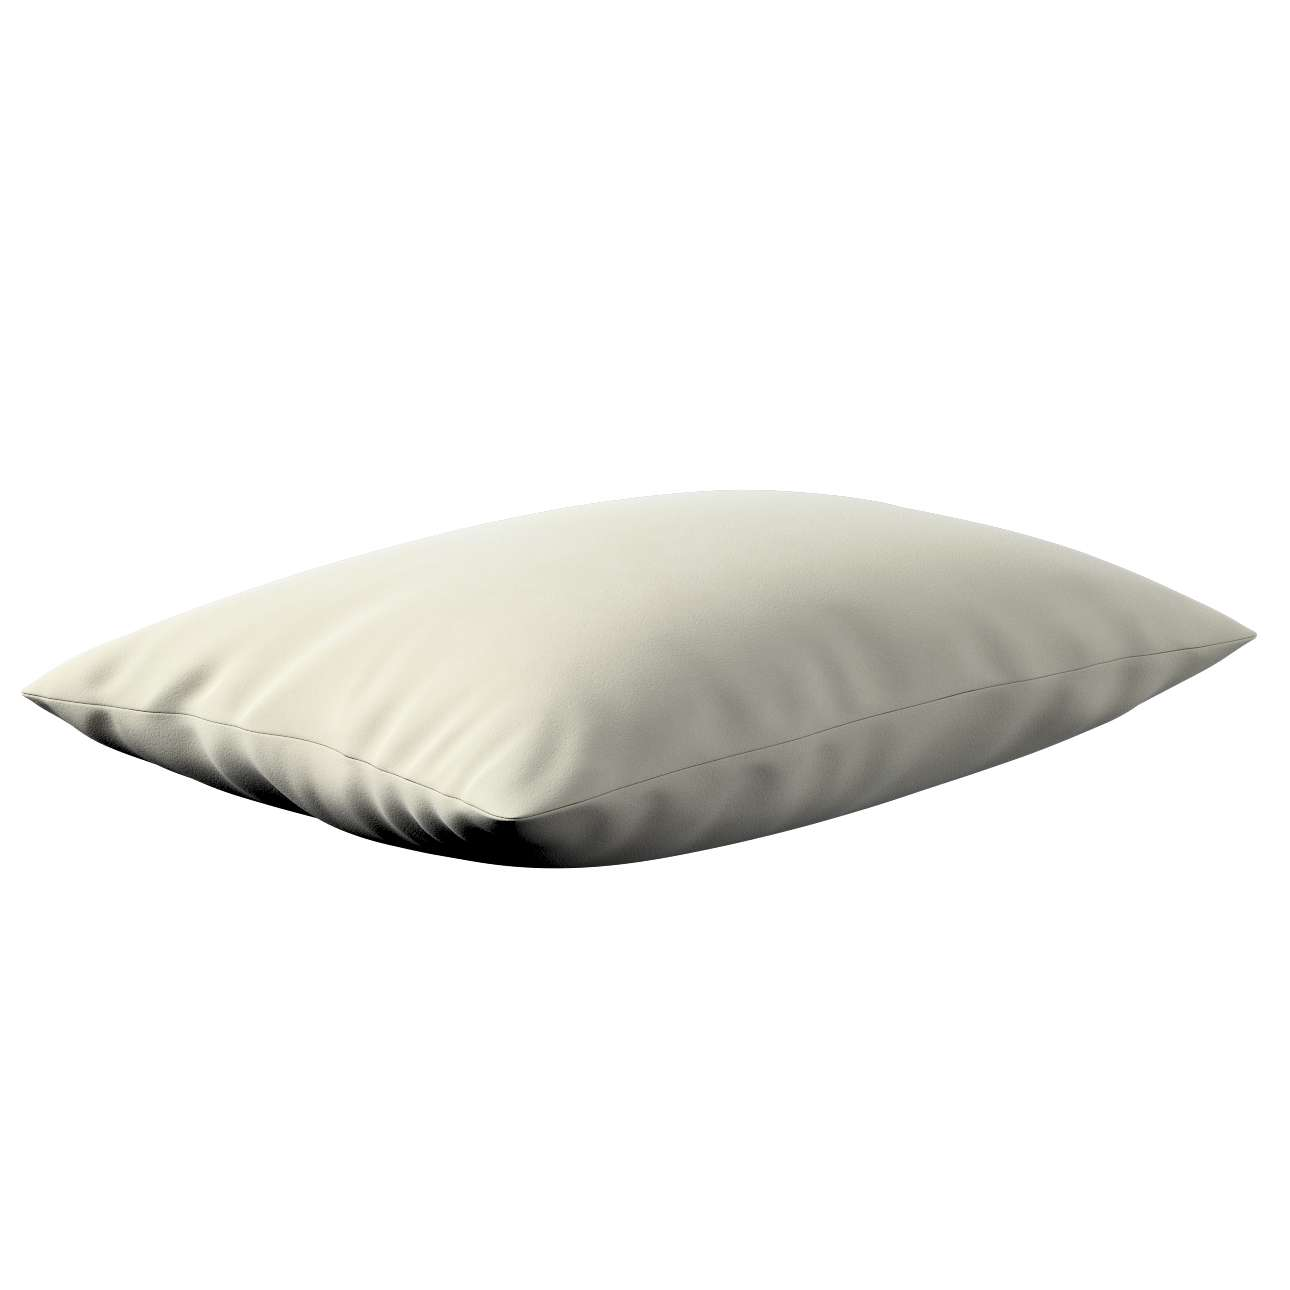 Poszewka Kinga na poduszkę prostokątną w kolekcji Velvet, tkanina: 704-10